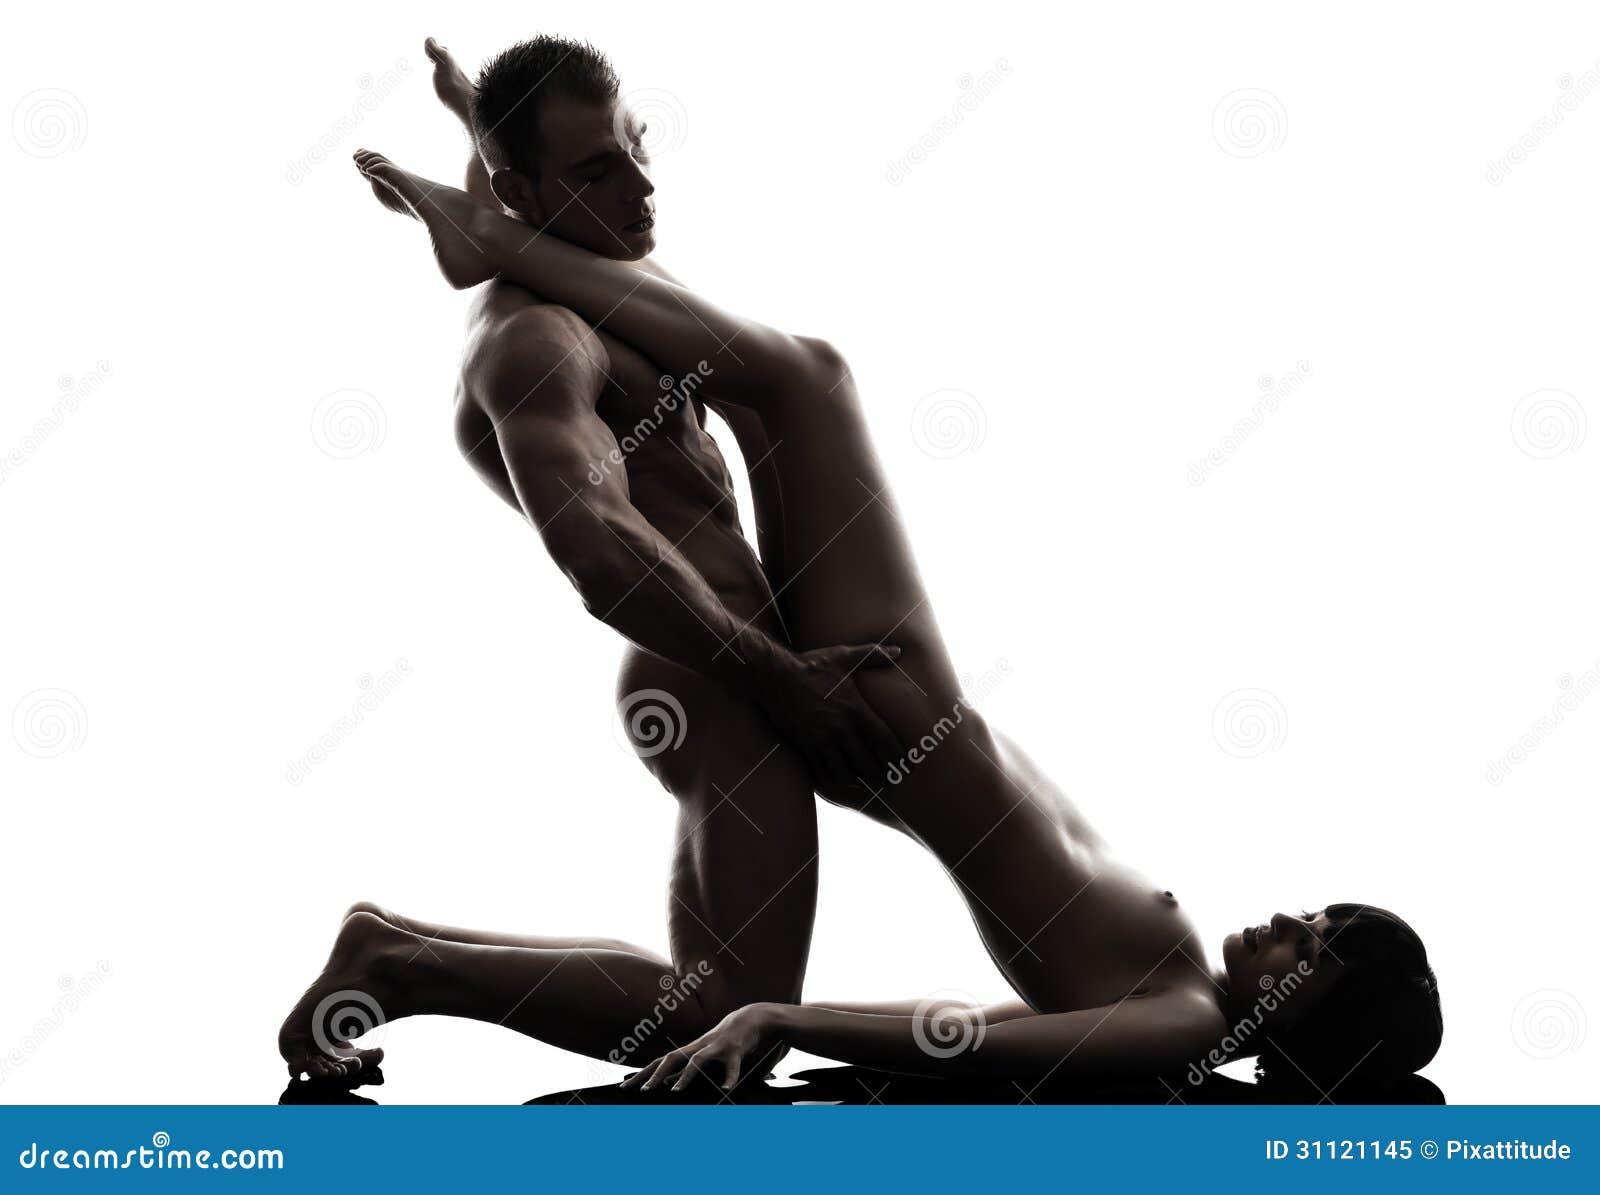 Photos d'hommes utilisant des jouets sexuels